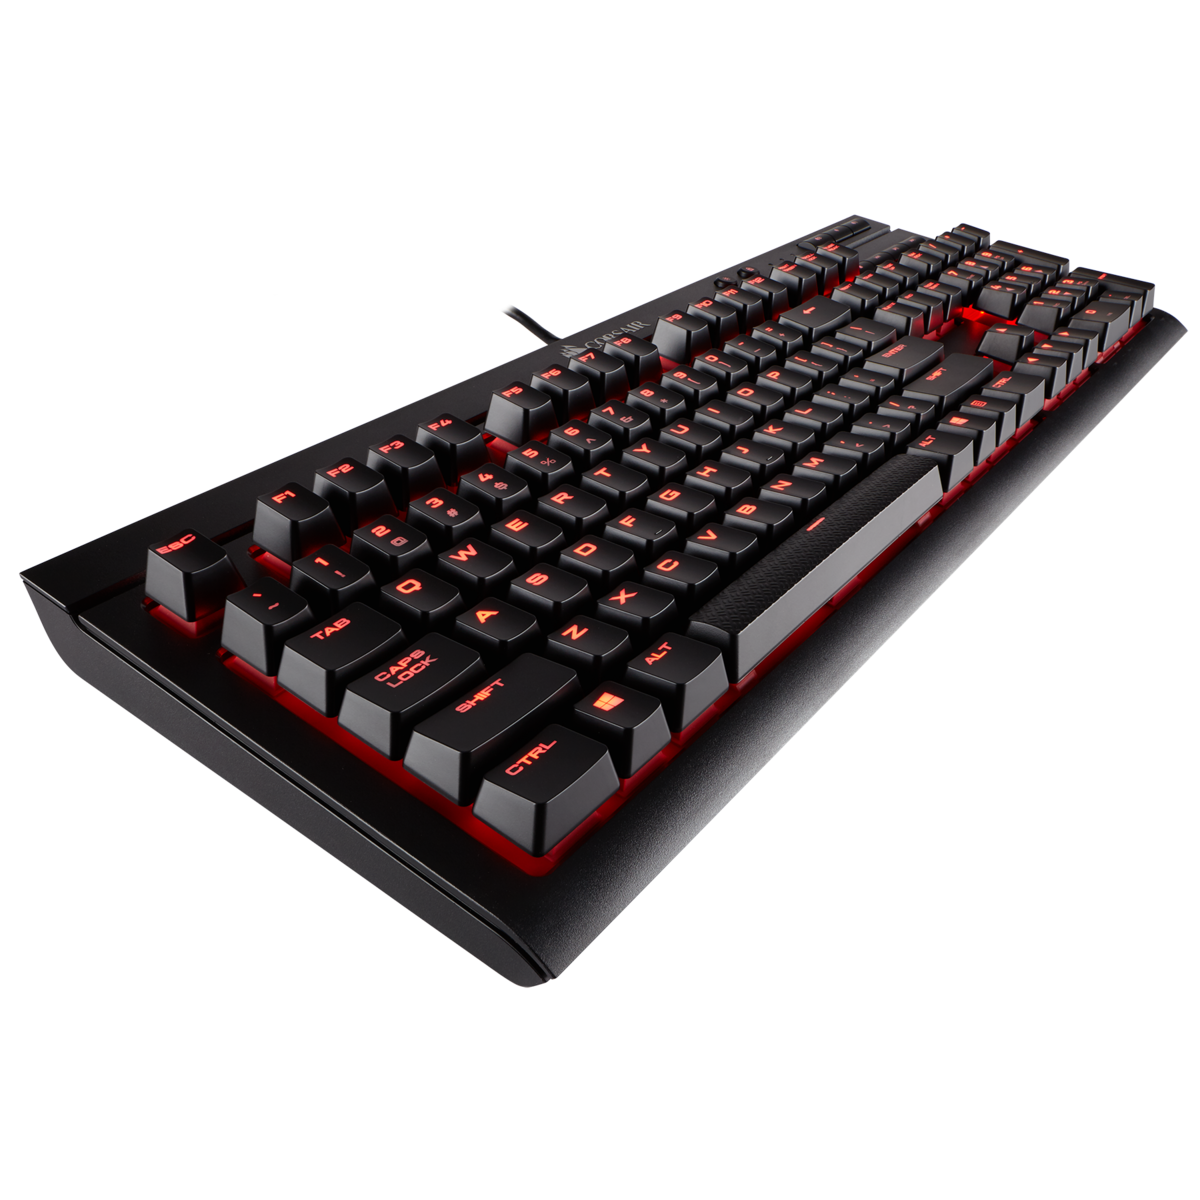 Tastatura Gaming Corsair K68 Mechanical Red LED Cherry MX Red